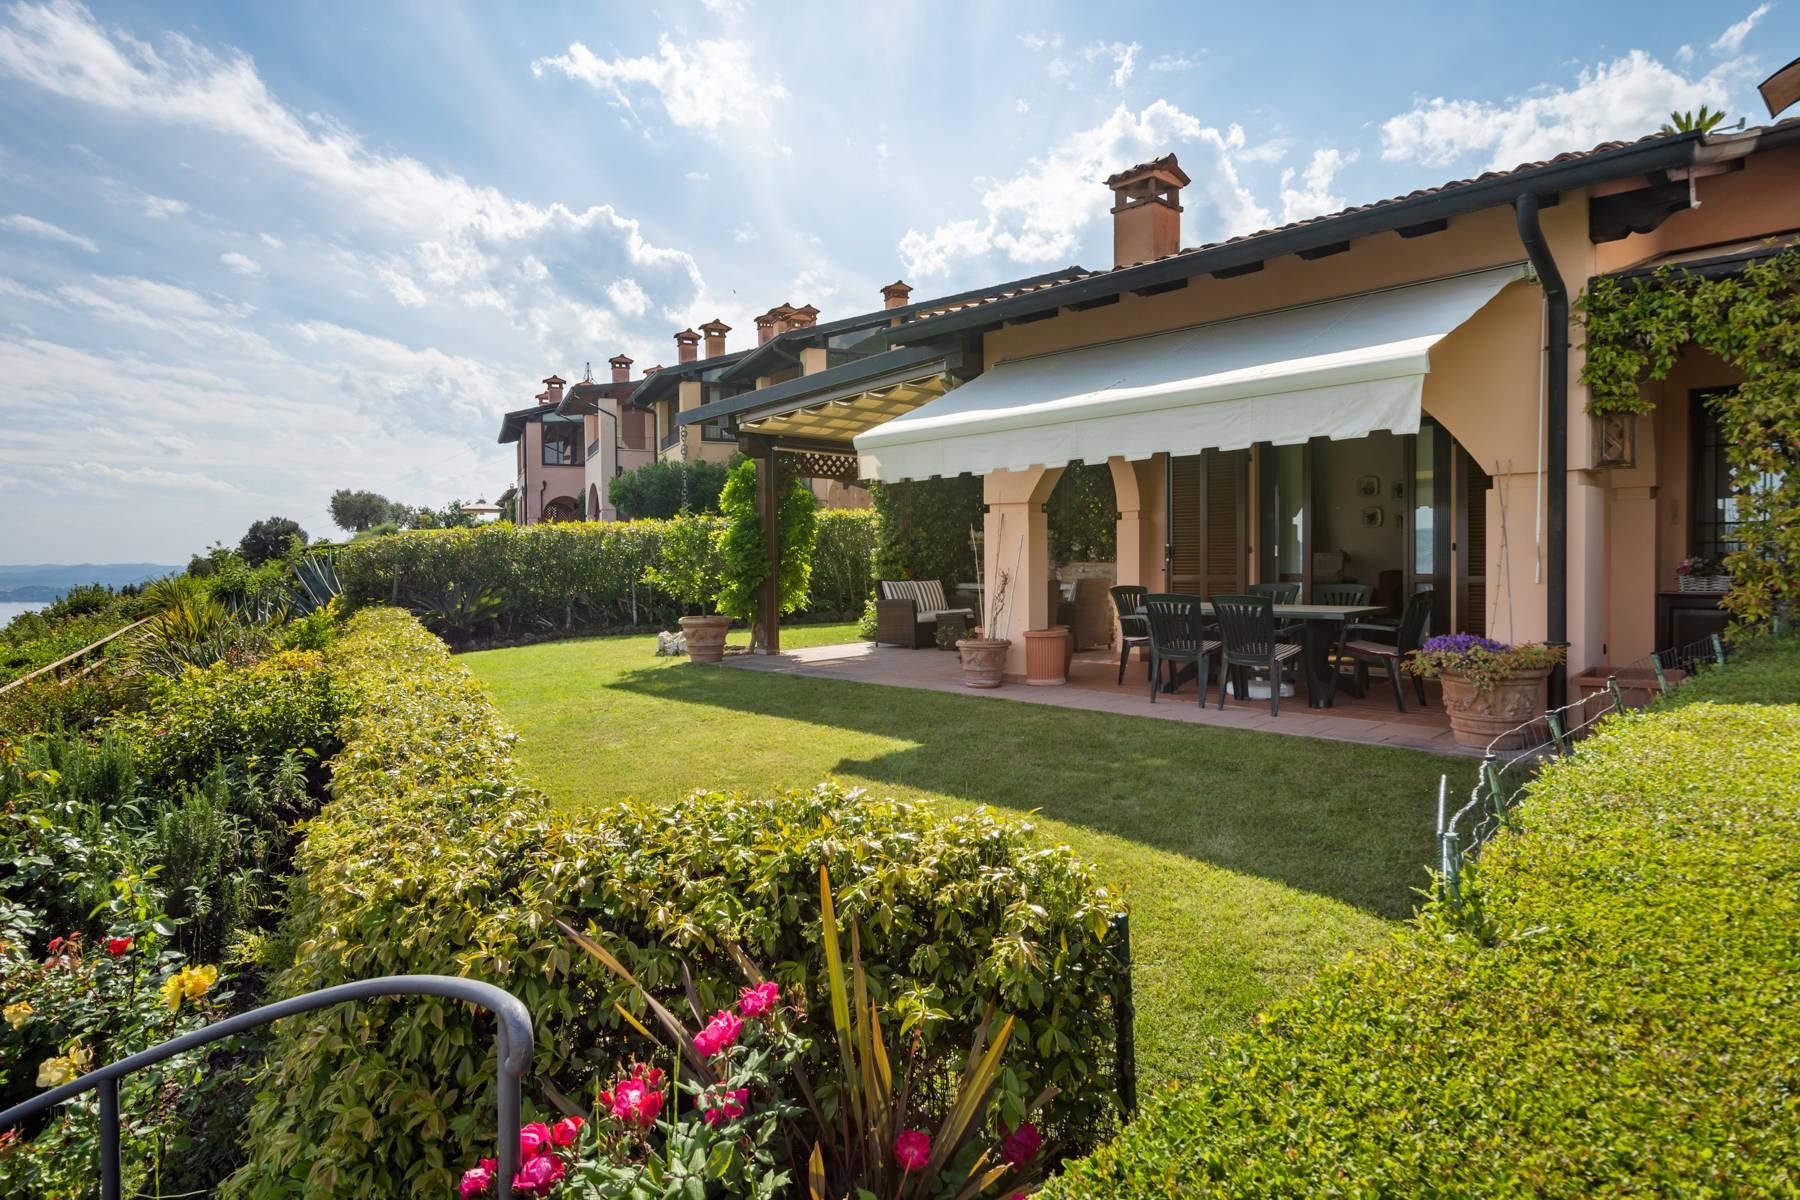 Casa indipendente in Vendita a Toscolano-Maderno: 4 locali, 76 mq - Foto 4